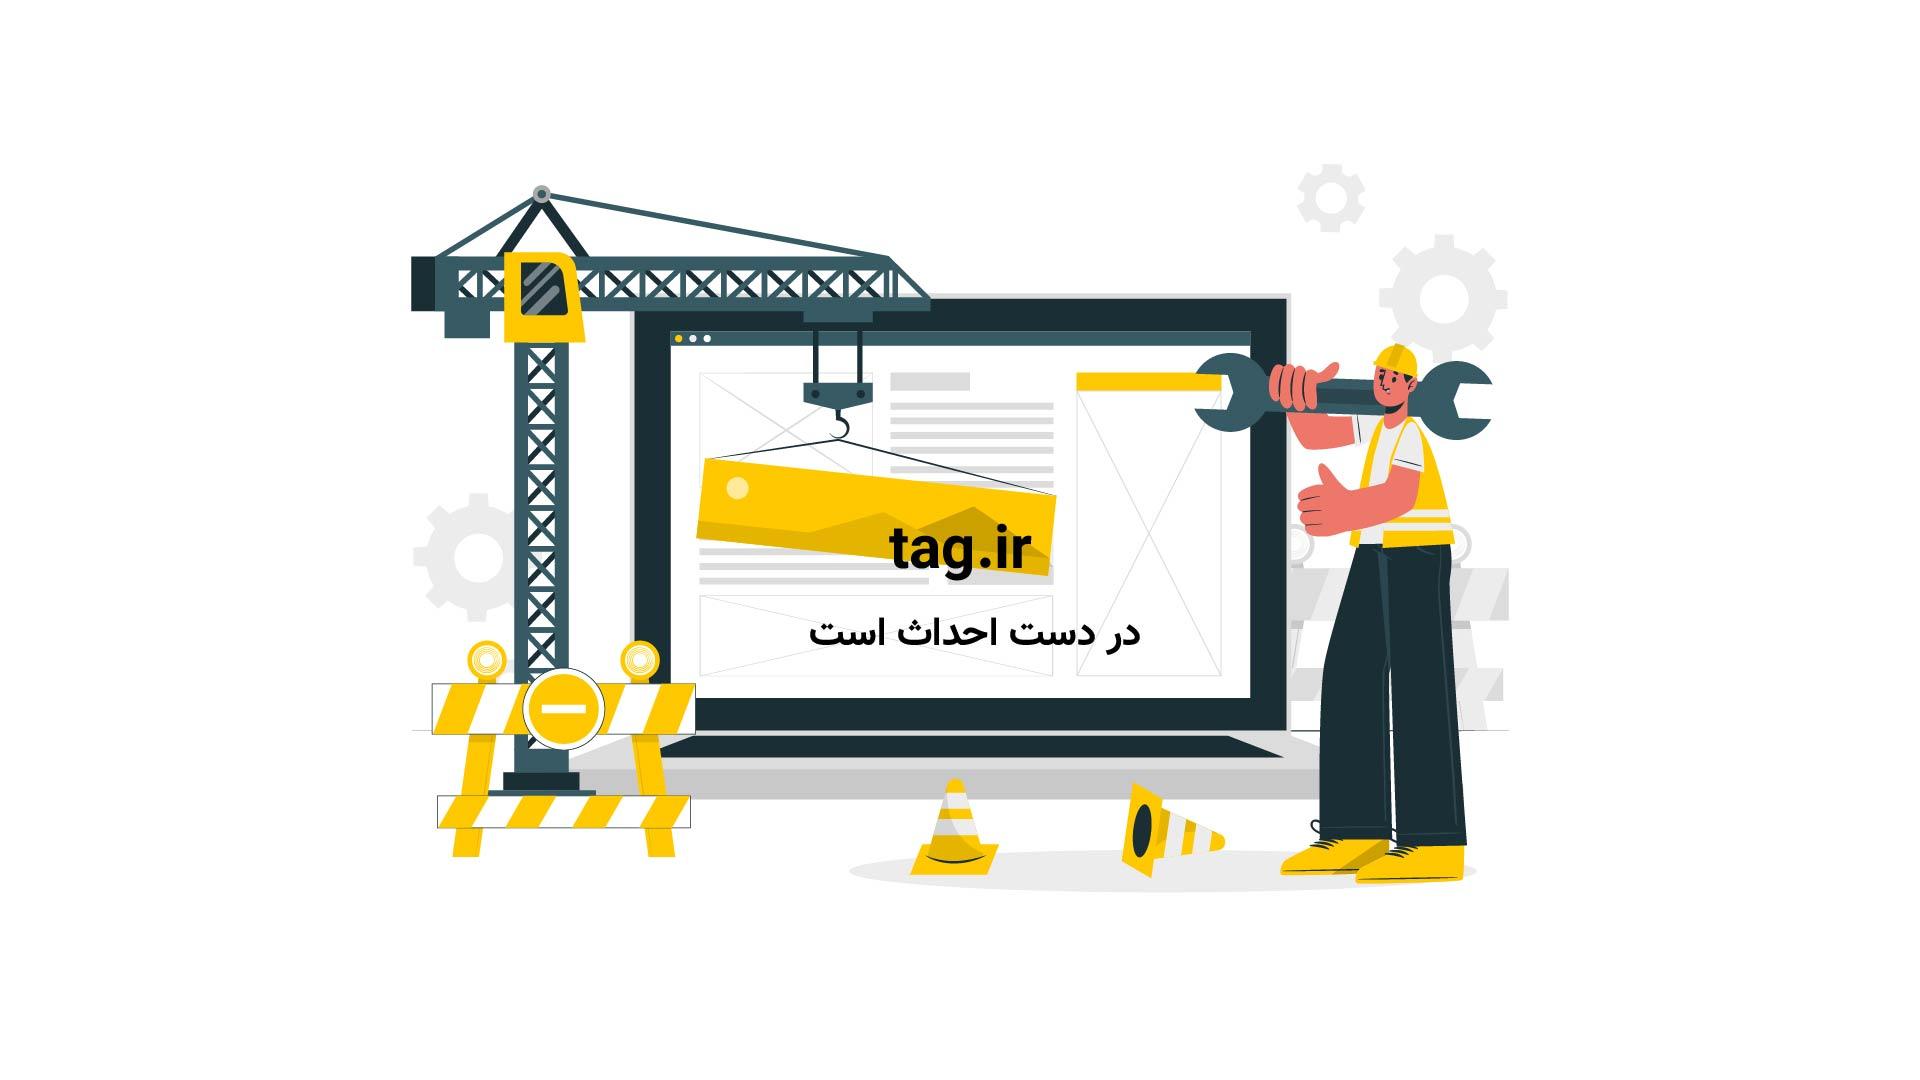 فتح خرمشهر، فتح ارزش هاست | فیلم